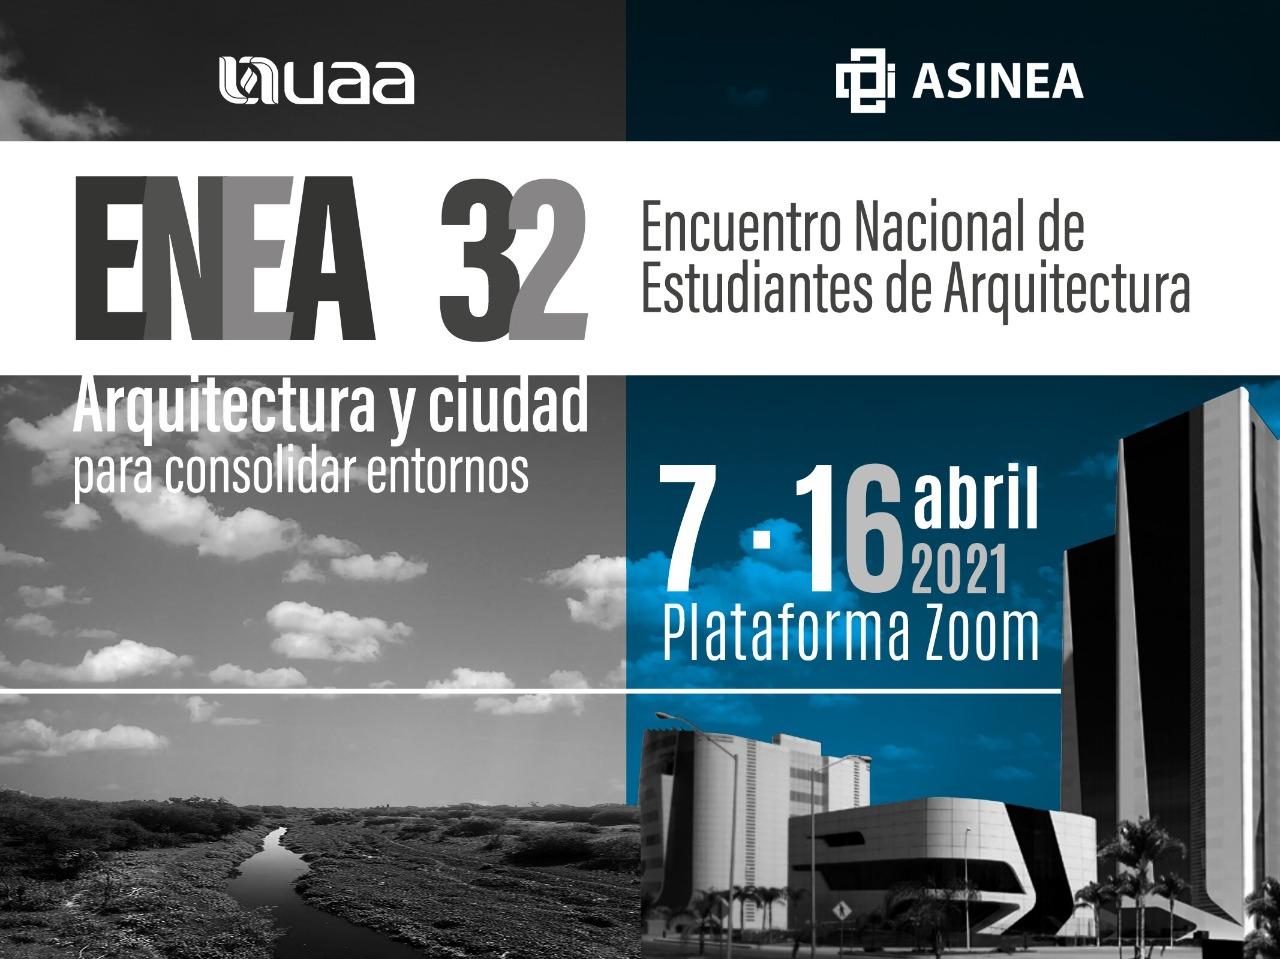 Departamento de Arquitectura de la UAA y la ASINEA dan inicio al XXXII Encuentro Nacional de Estudiantes de Arquitectura